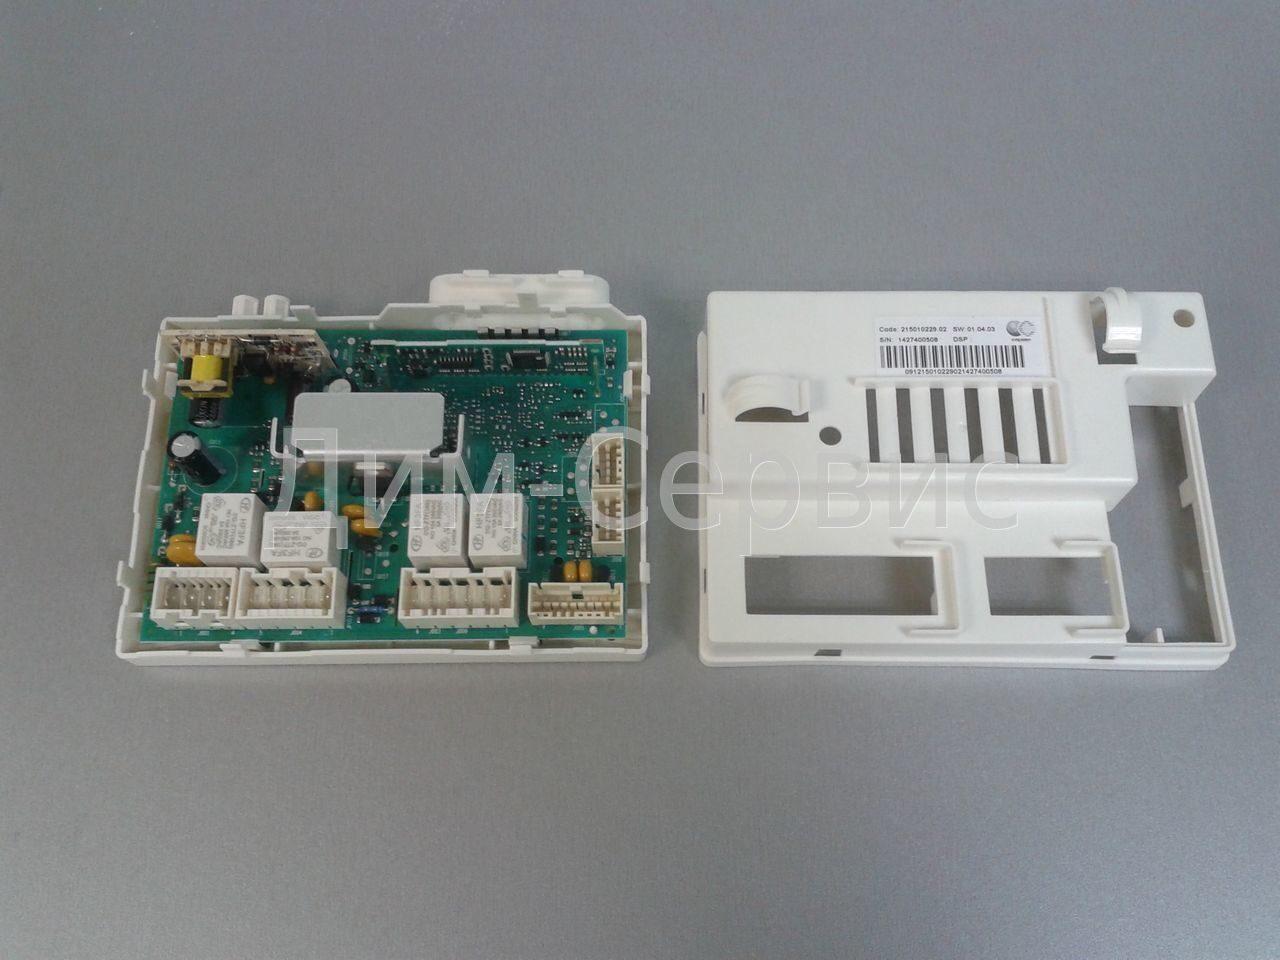 инструкция к стиральной машине electrolux ew 914 s